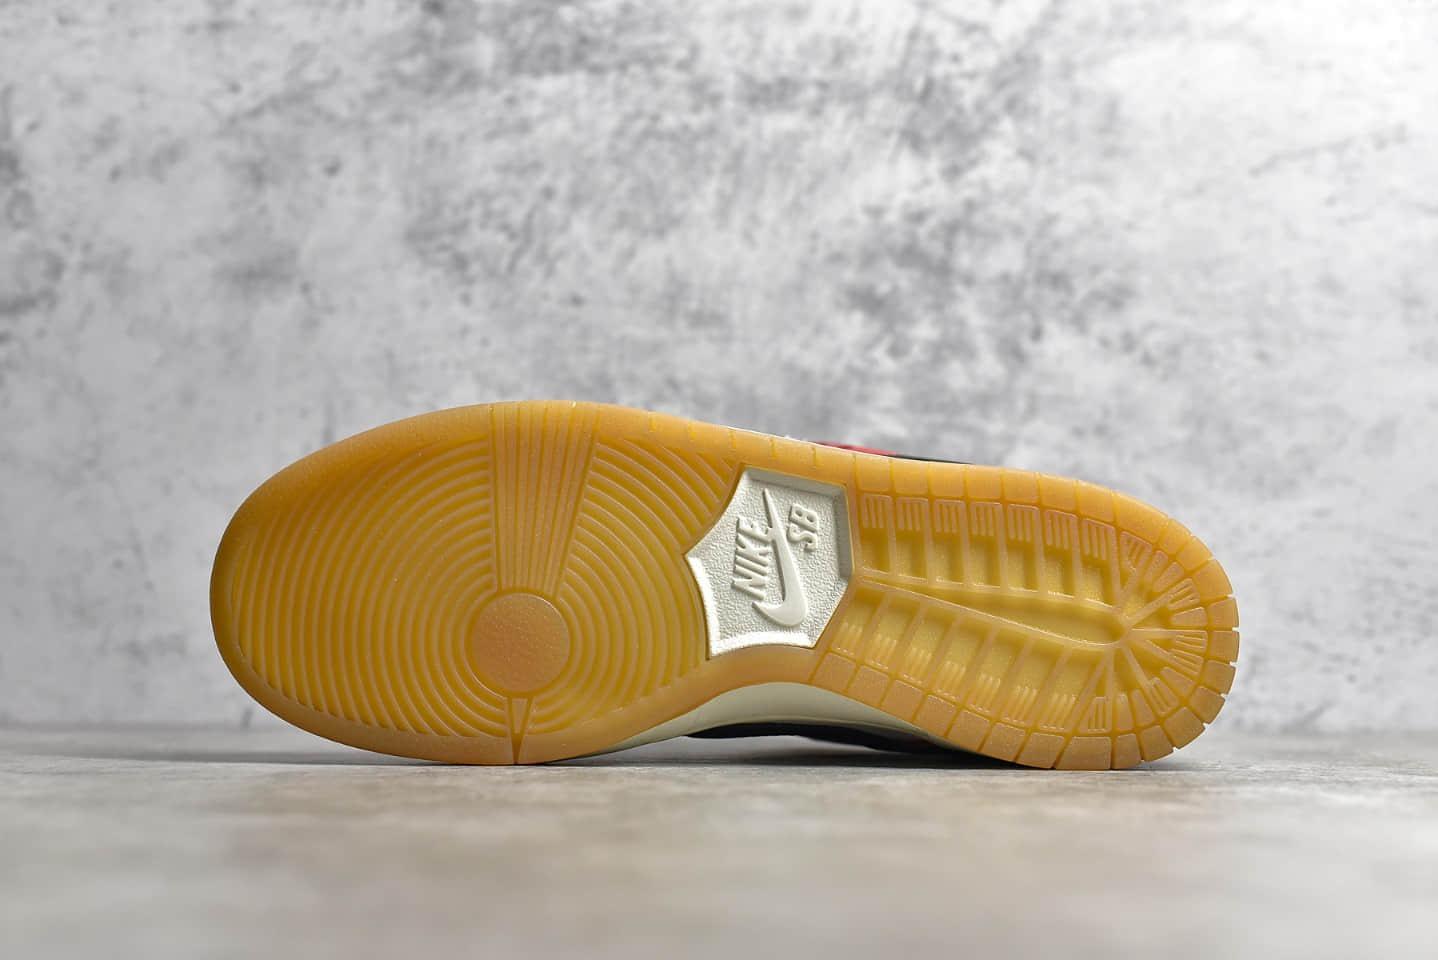 """耐克Dunk SB Habibi联名款双钩白红Frame Skate x NIKE SB Dunk Low """"Habibi"""" 耐克Dunk低帮板鞋 货号:CT2550-600-潮流者之家"""